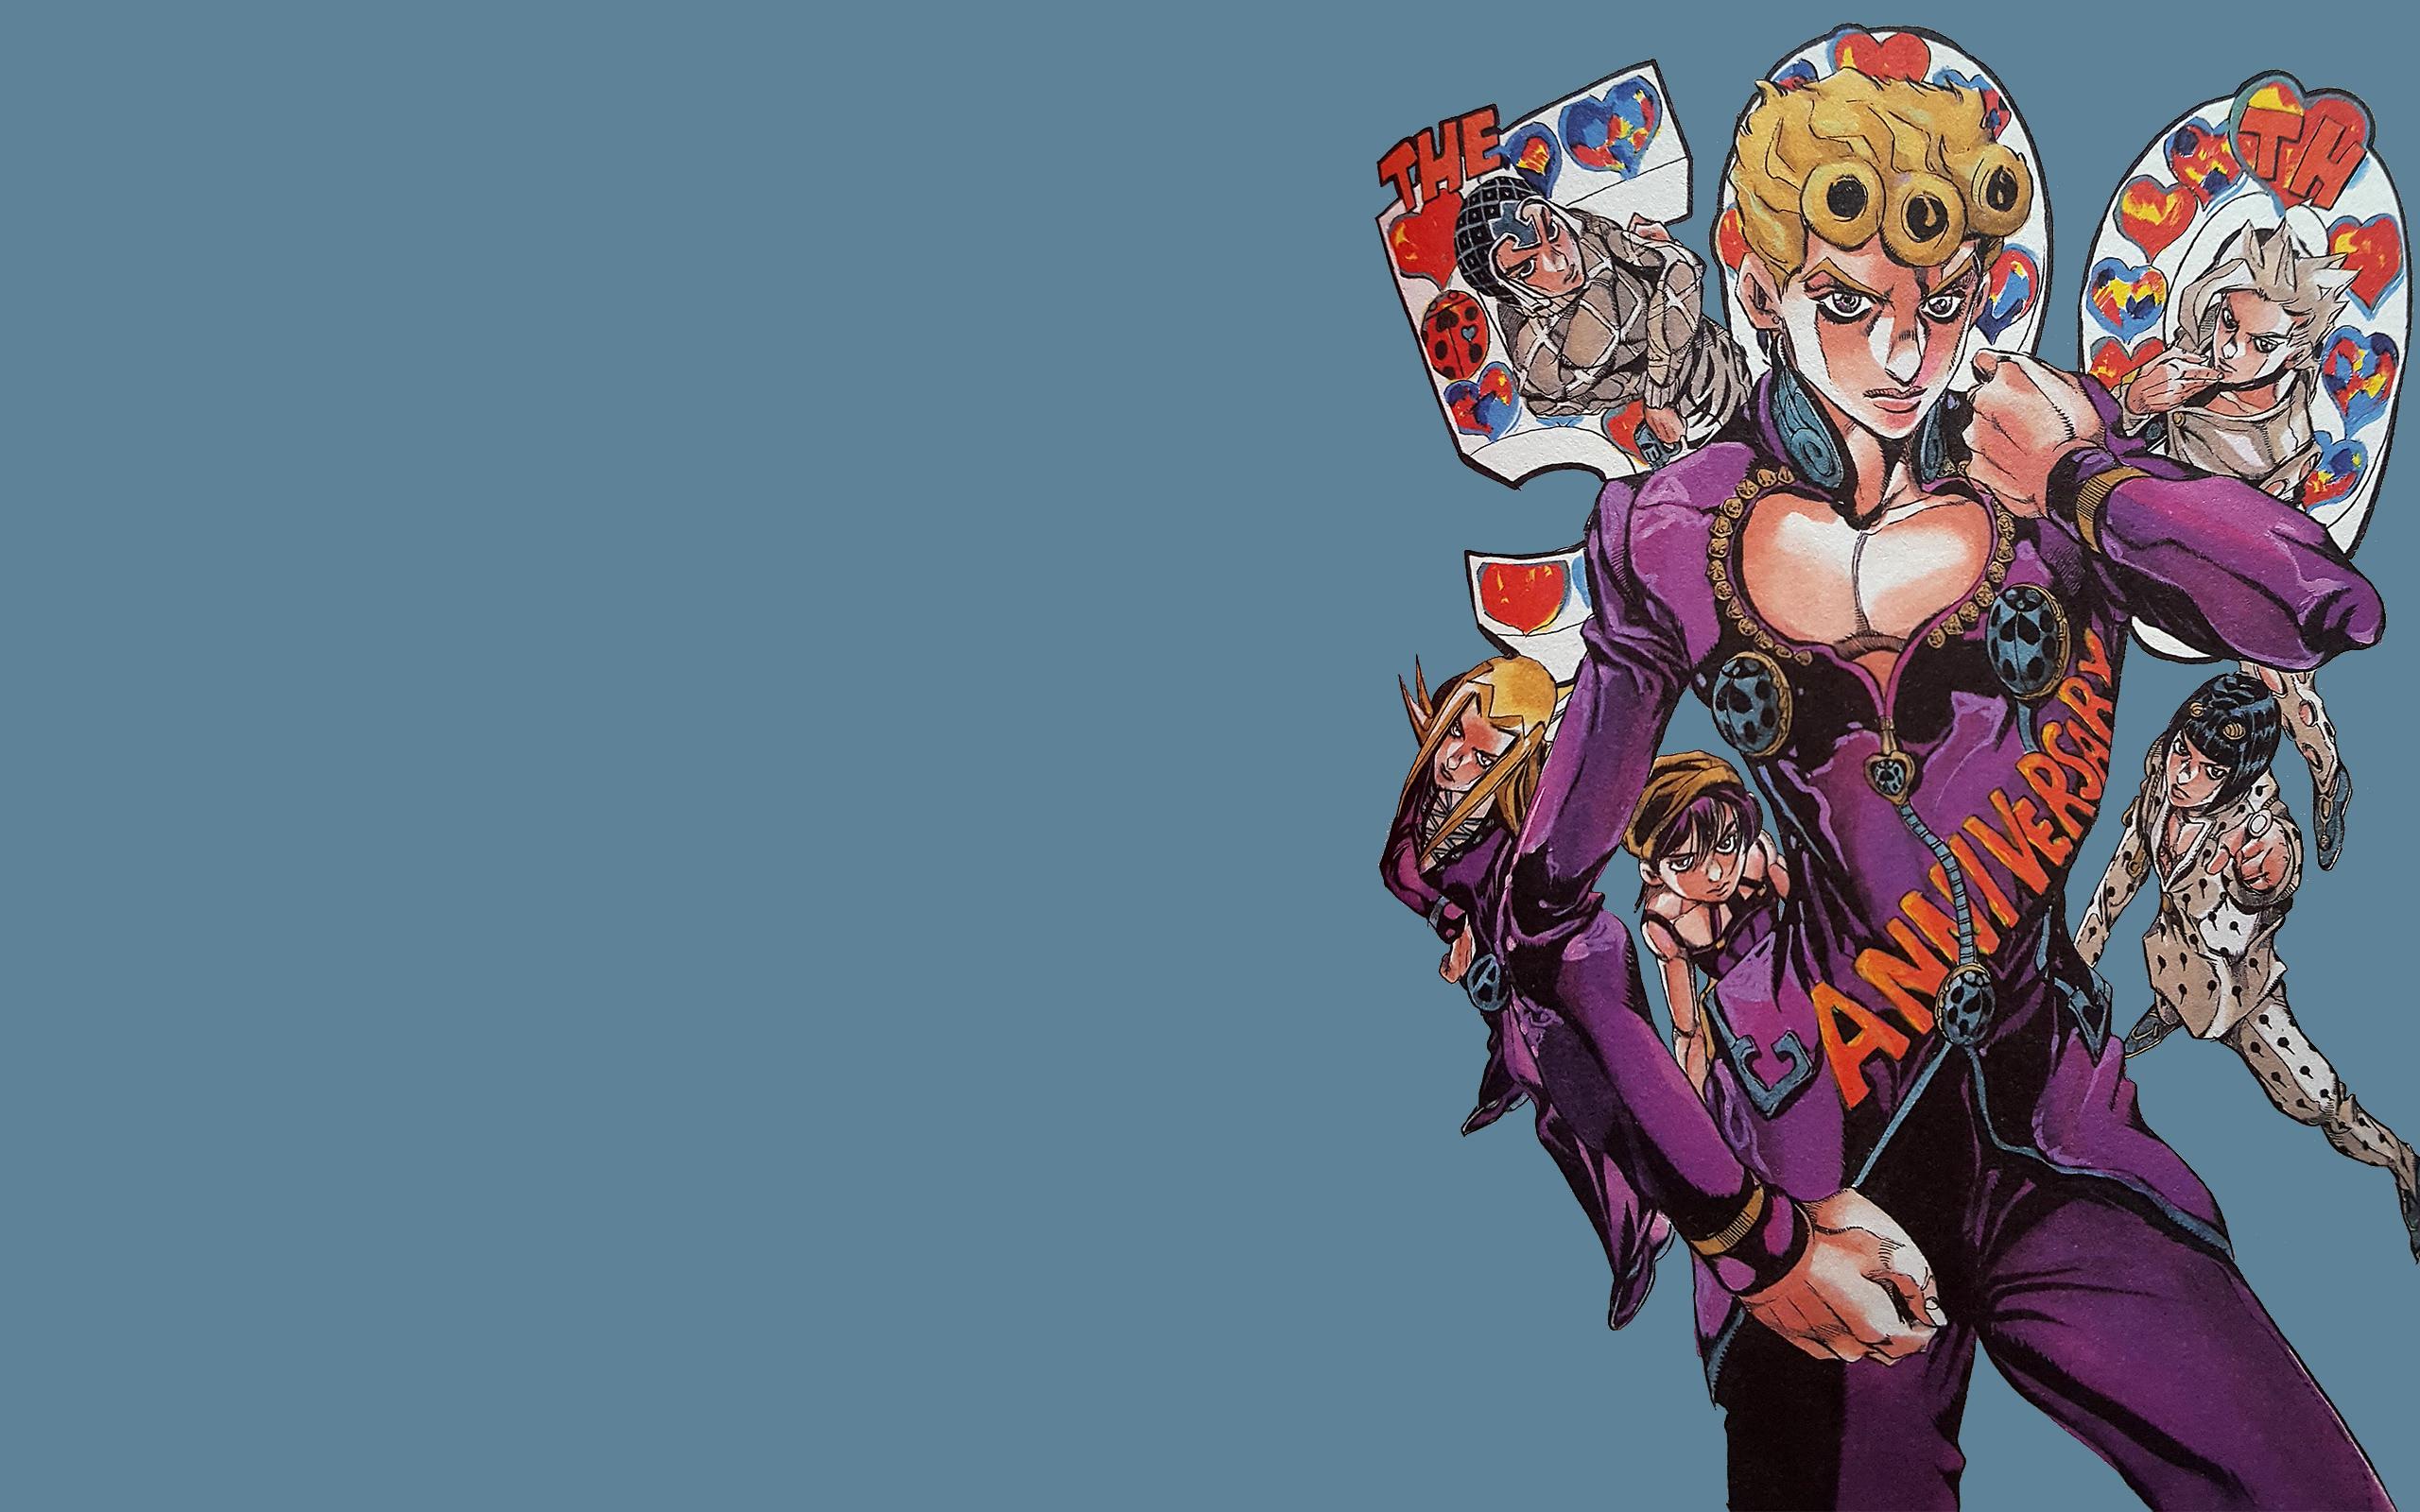 デスクトップ壁紙 : ジョジョの奇妙な冒険, ジョジョリオン, アニメ, マンガ, Hirohiko Araki